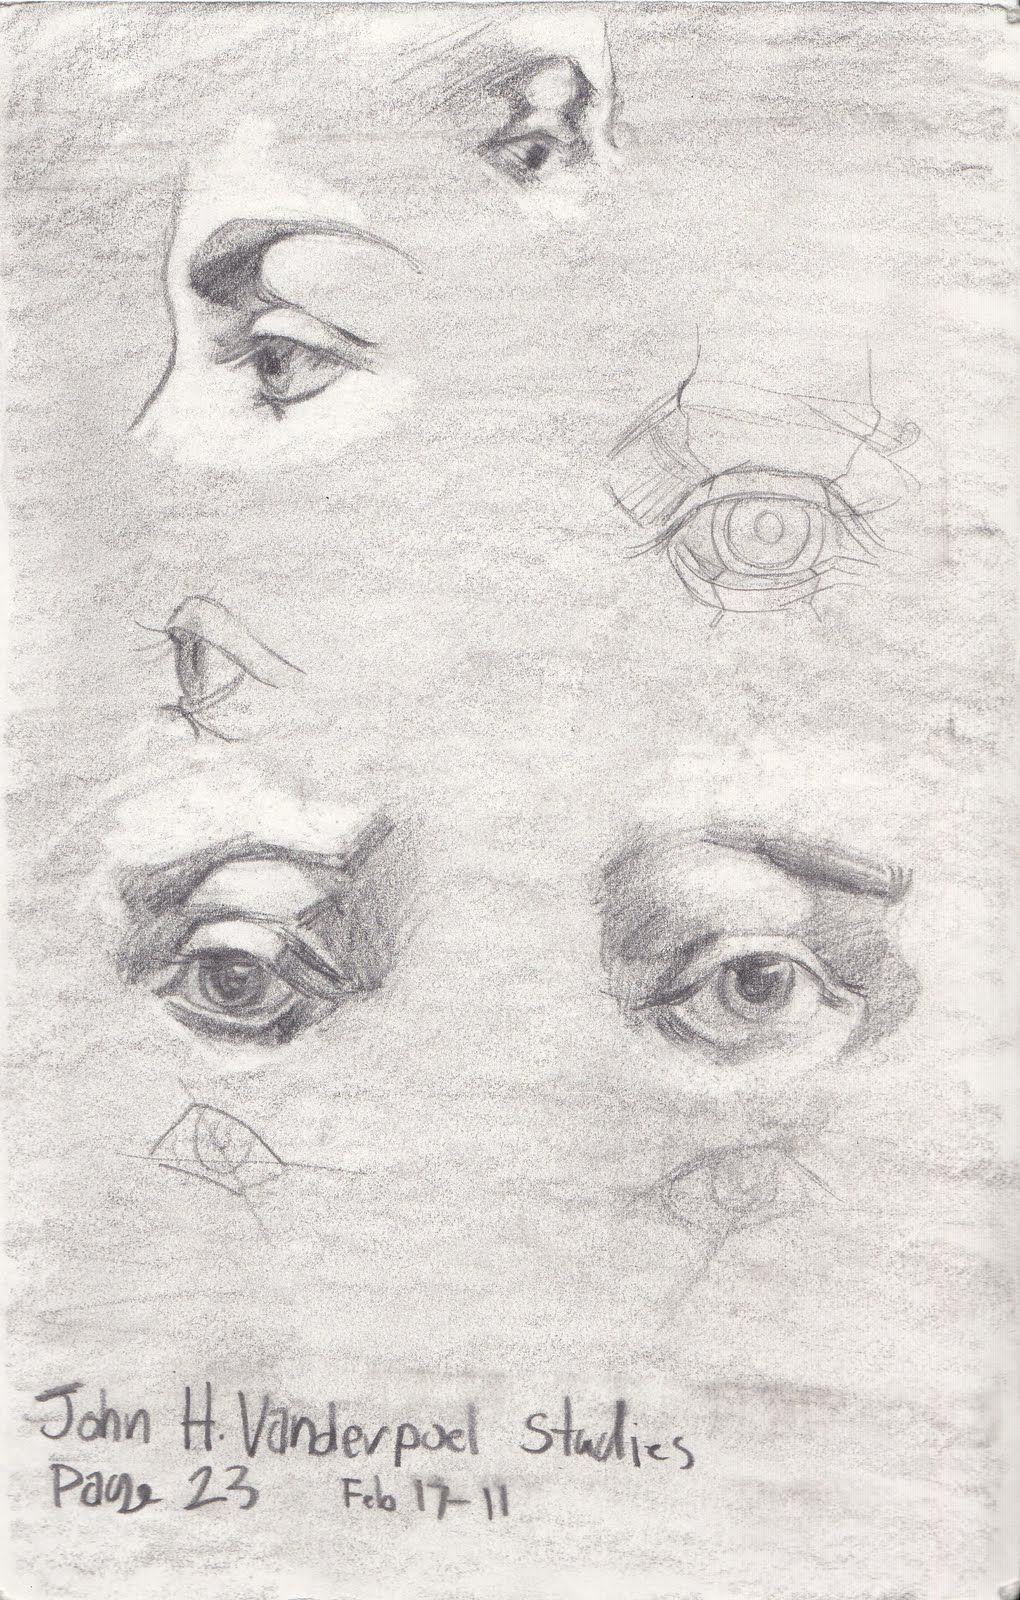 Gabriel Hunt: John H. Vanderpoel studies (More Eyes)